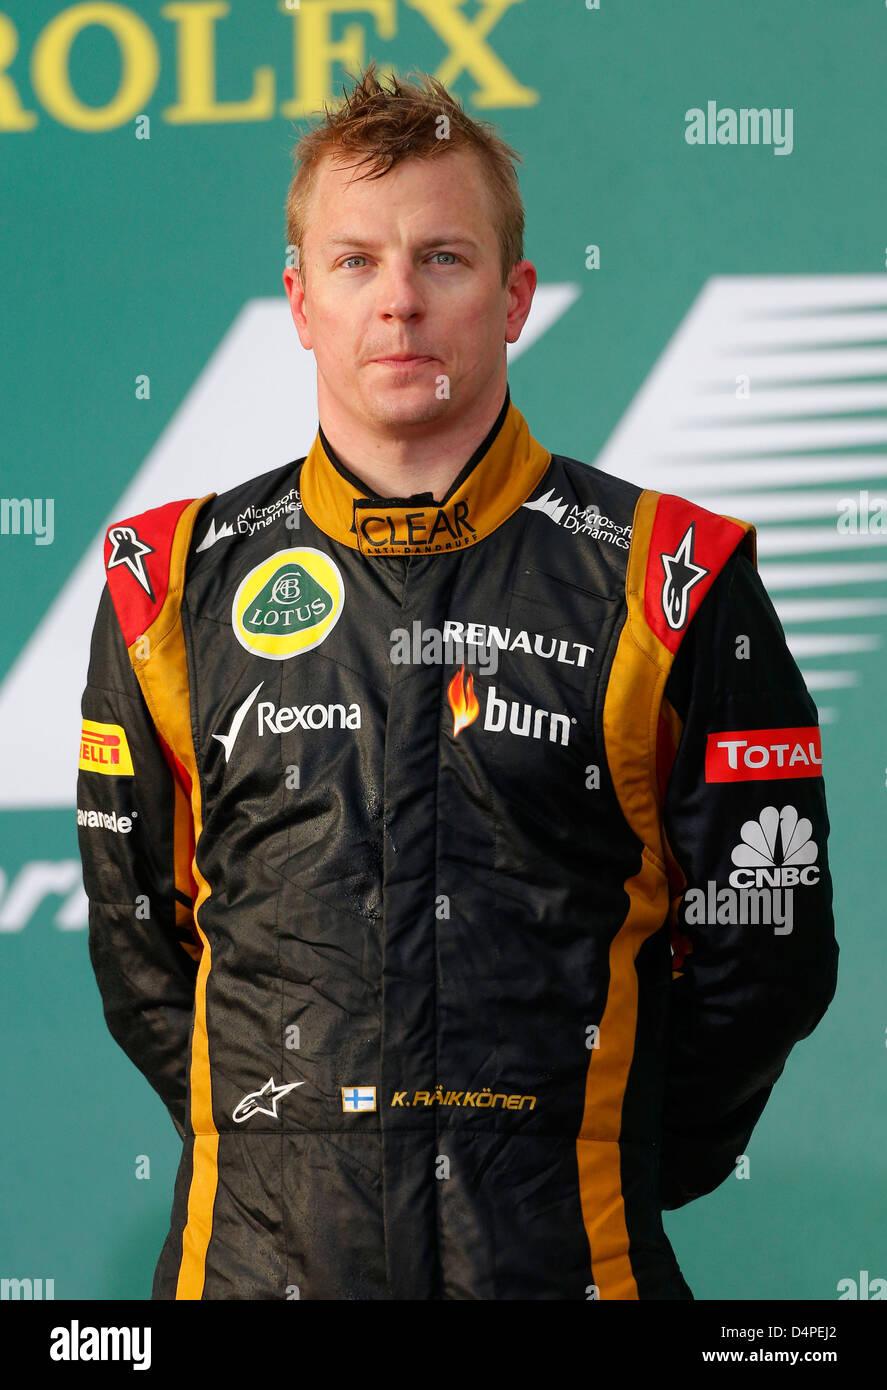 Kimi Räikkönen Stock Photos & Kimi Räikkönen Stock Images